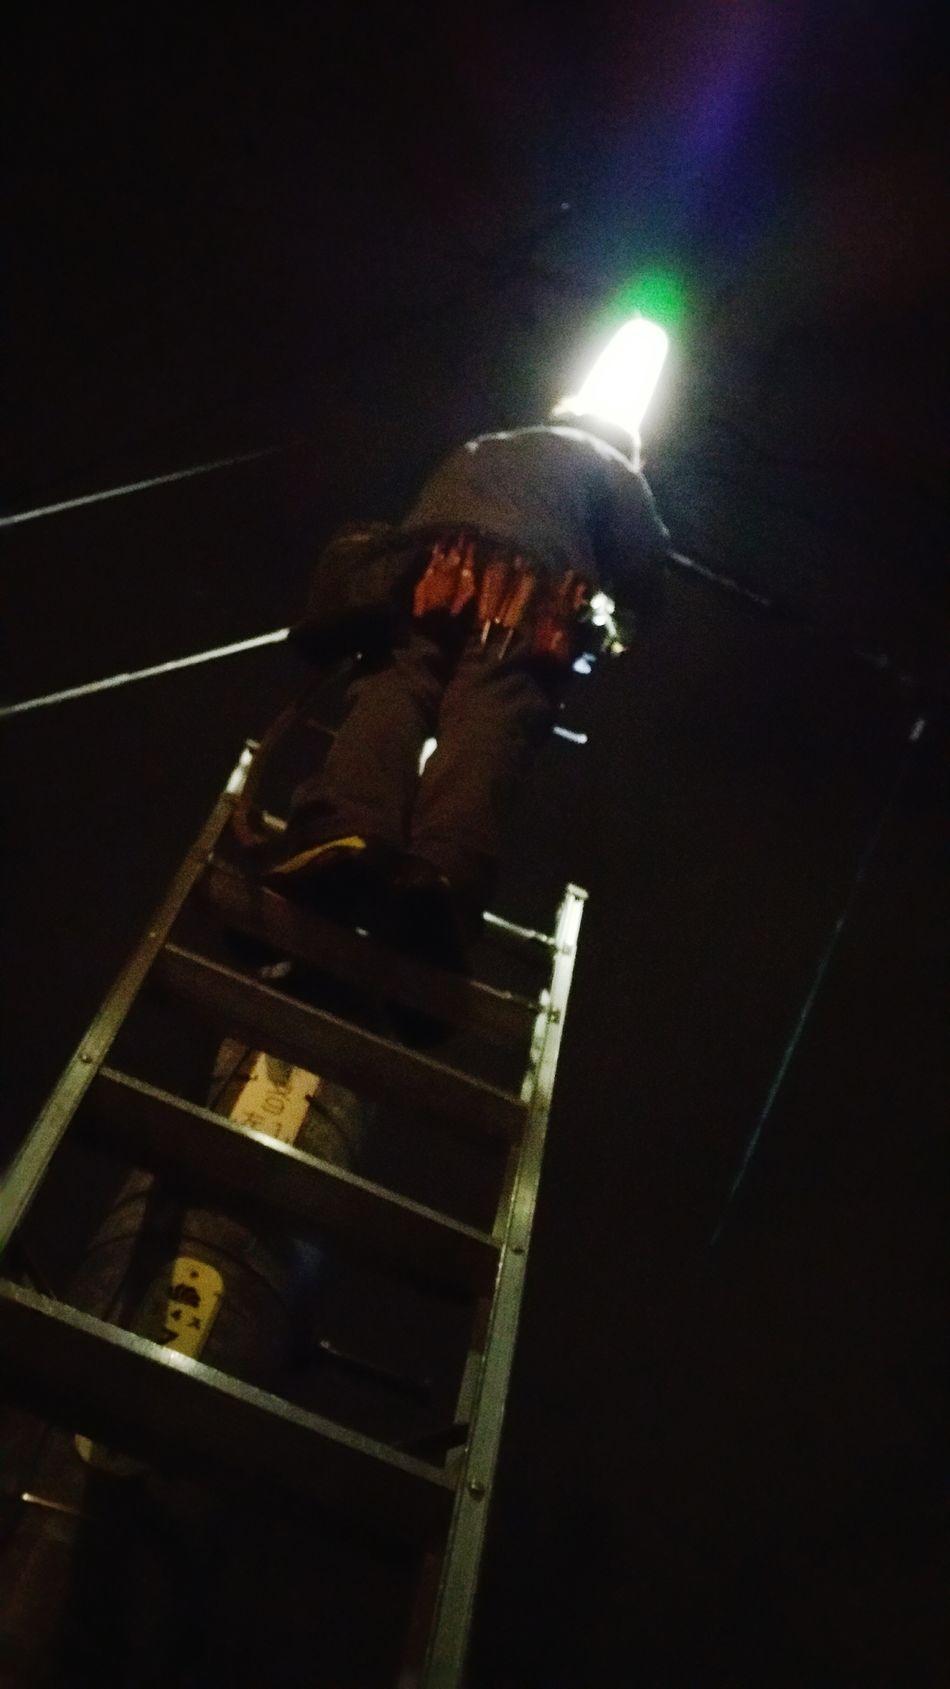 連続投稿失礼します。写真、分かりにくいでしょうか?梯子の上、道路脇にある防犯灯の球換えをしている主人を見上げたところです。遠方での仕事が多い私達ですが、こうして地元の小さな灯りのメンテナンスもさせて頂いています。小さな灯りでも、大切な町を守る灯り。大切なお仕事だと実感します。 夜景 お仕事 電気屋さん